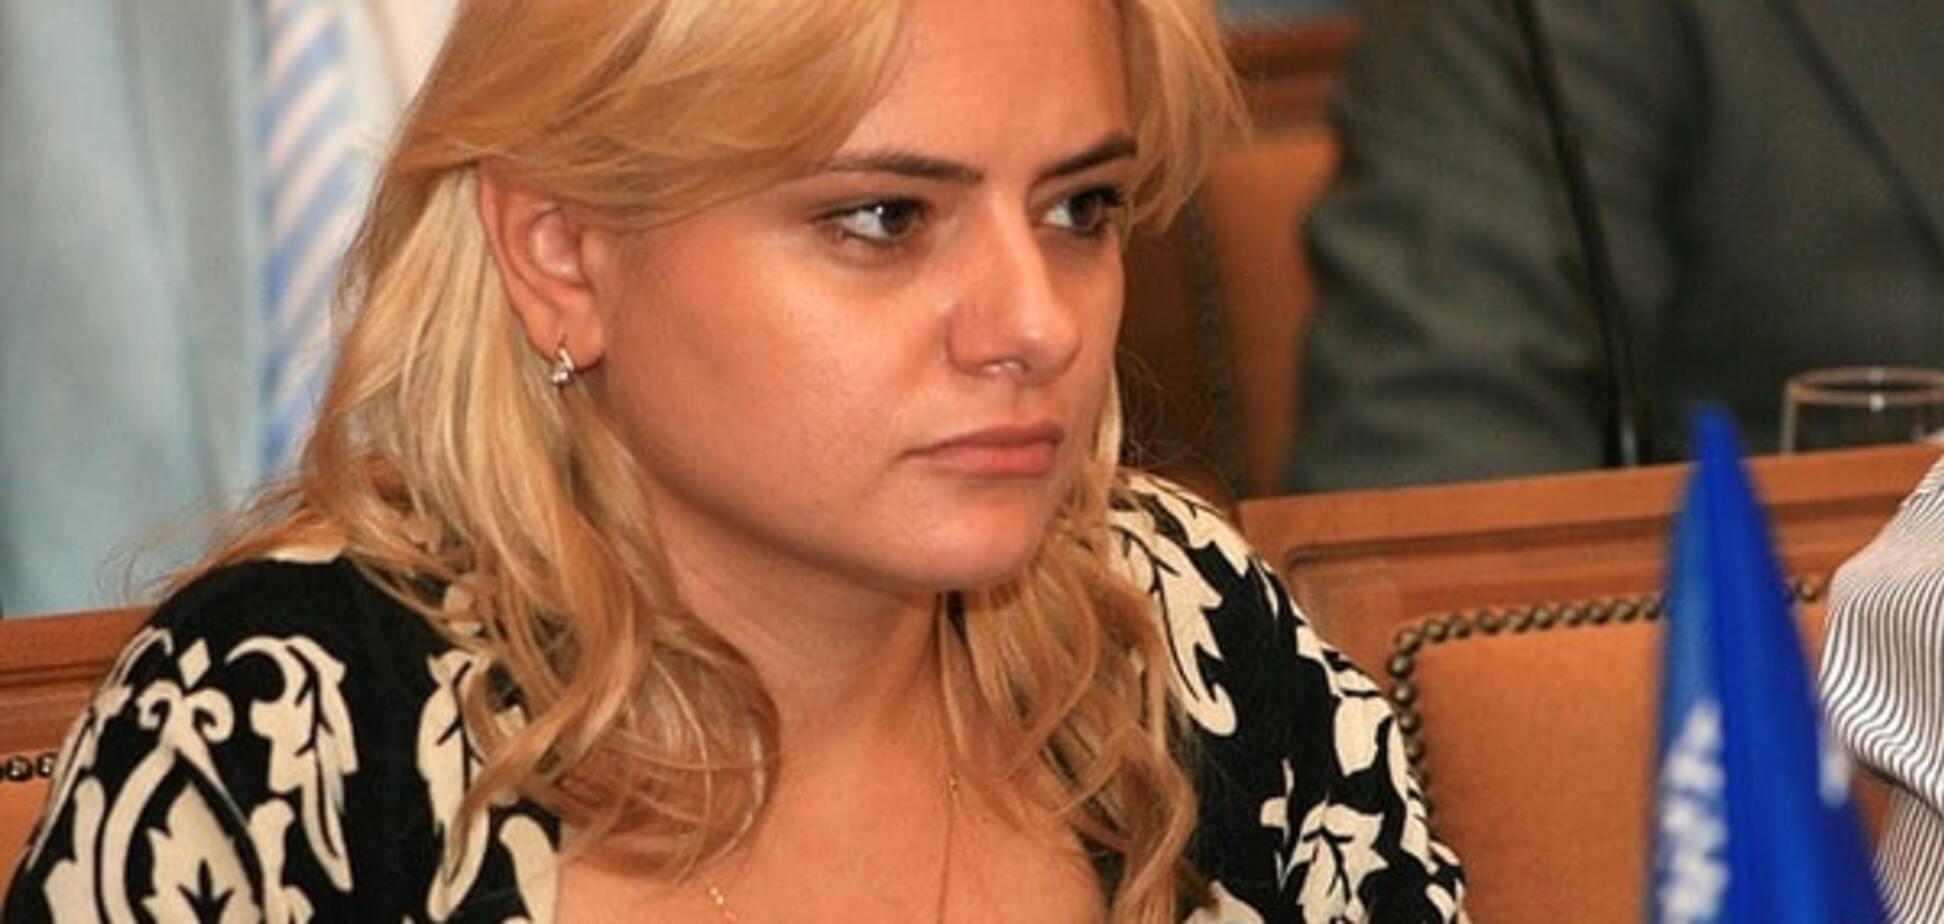 Метраж превысил все нормы: 'ДУСя' подарила своему главному юристу квартиру в центре Киева